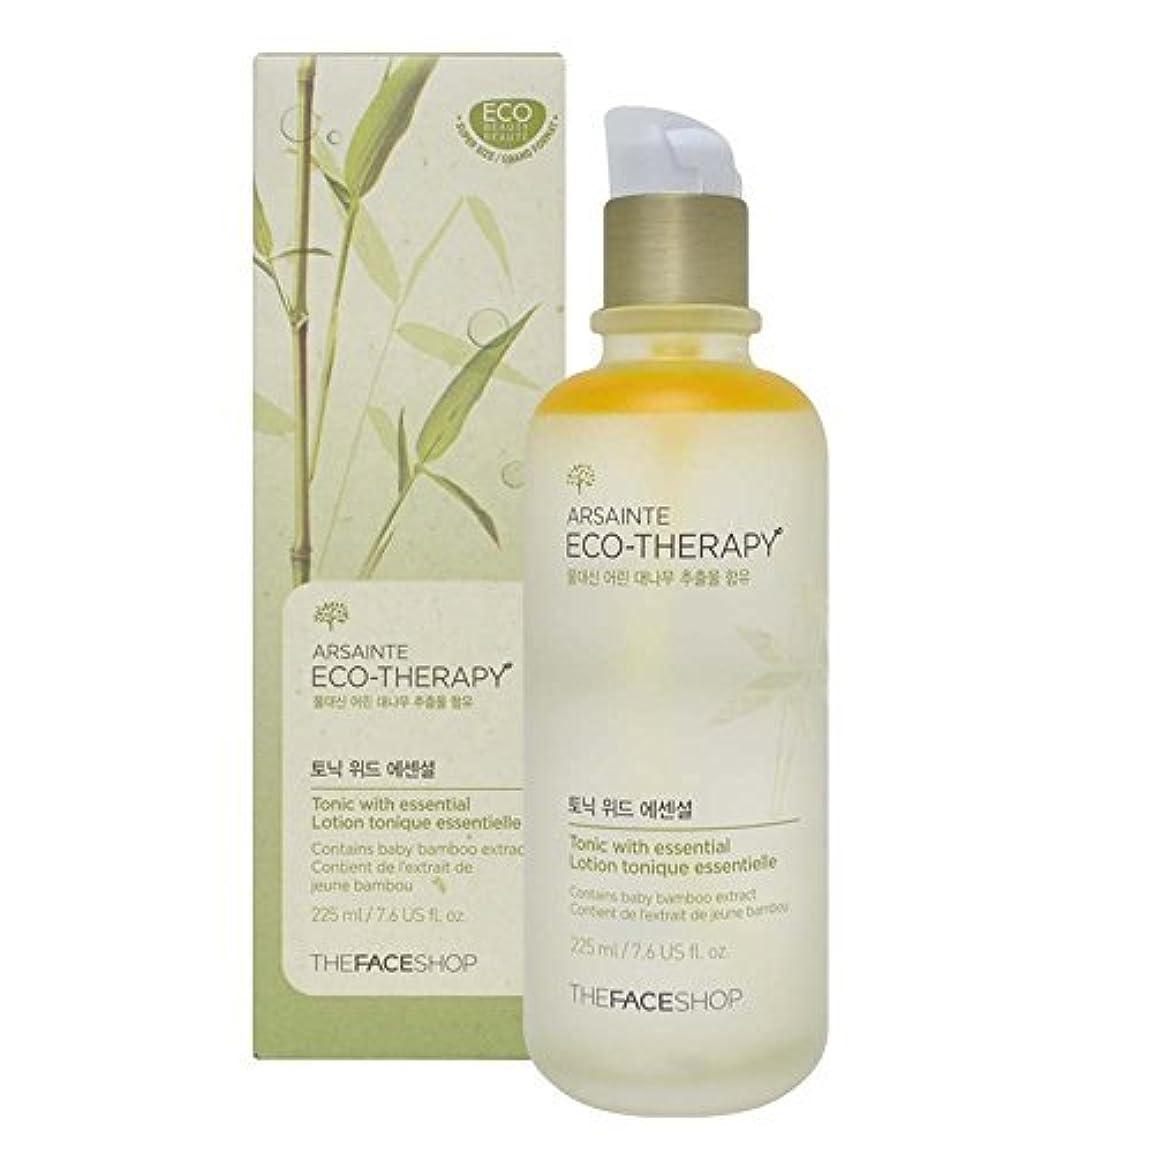 決済インタビューペルメルThe Face shop Arsainte Ecotheraphy Tonic with essential Big Size 225ml [並行輸入品]